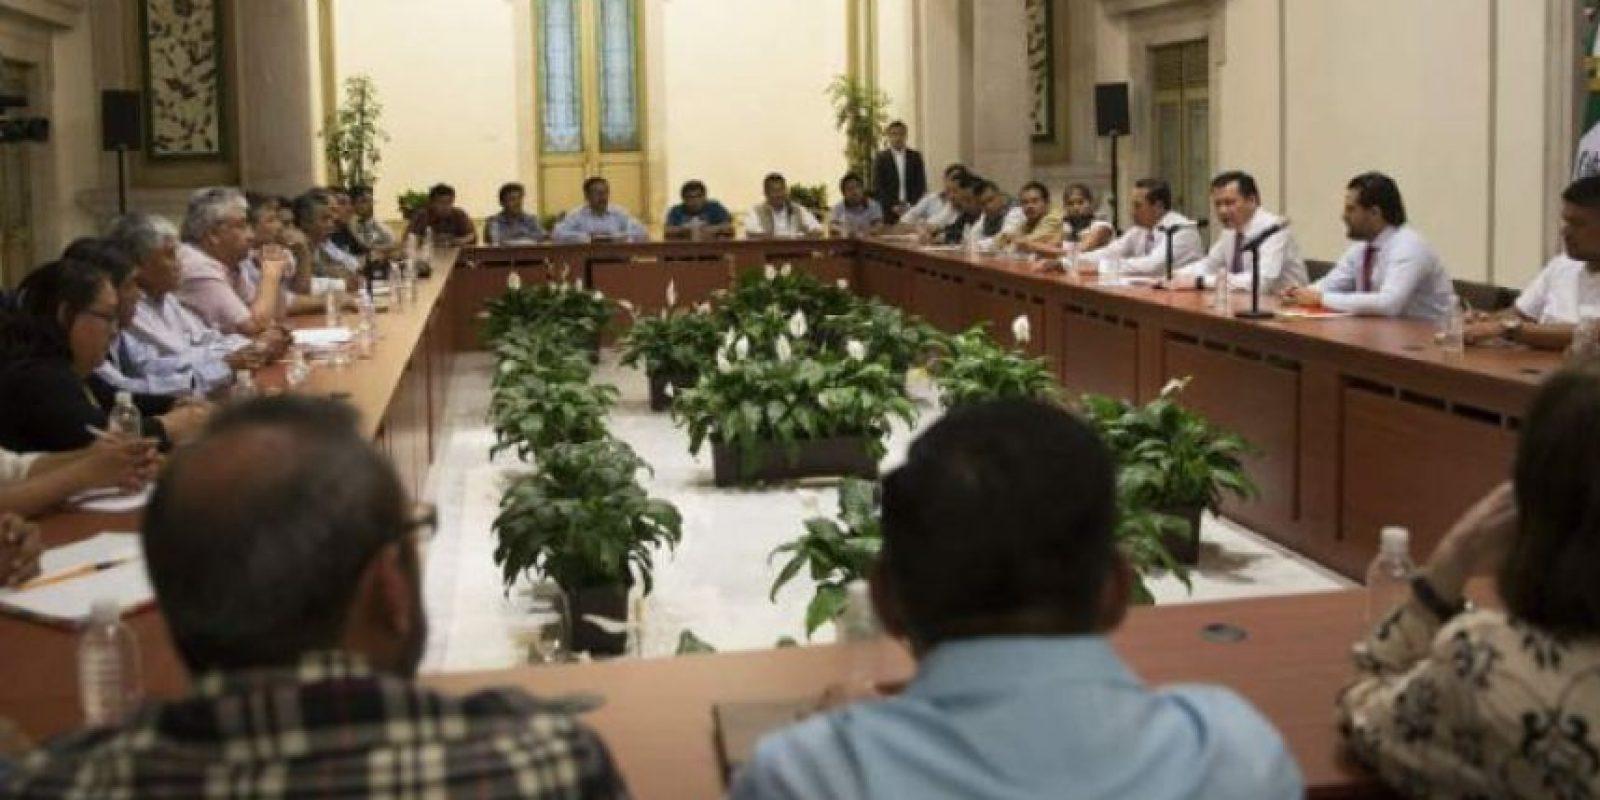 La reunión del pasado miércoles concluyó son el sólo acuerdo de que se elaboraría una agenda para tratar cada tema a detalle Foto:Cuartoscuro